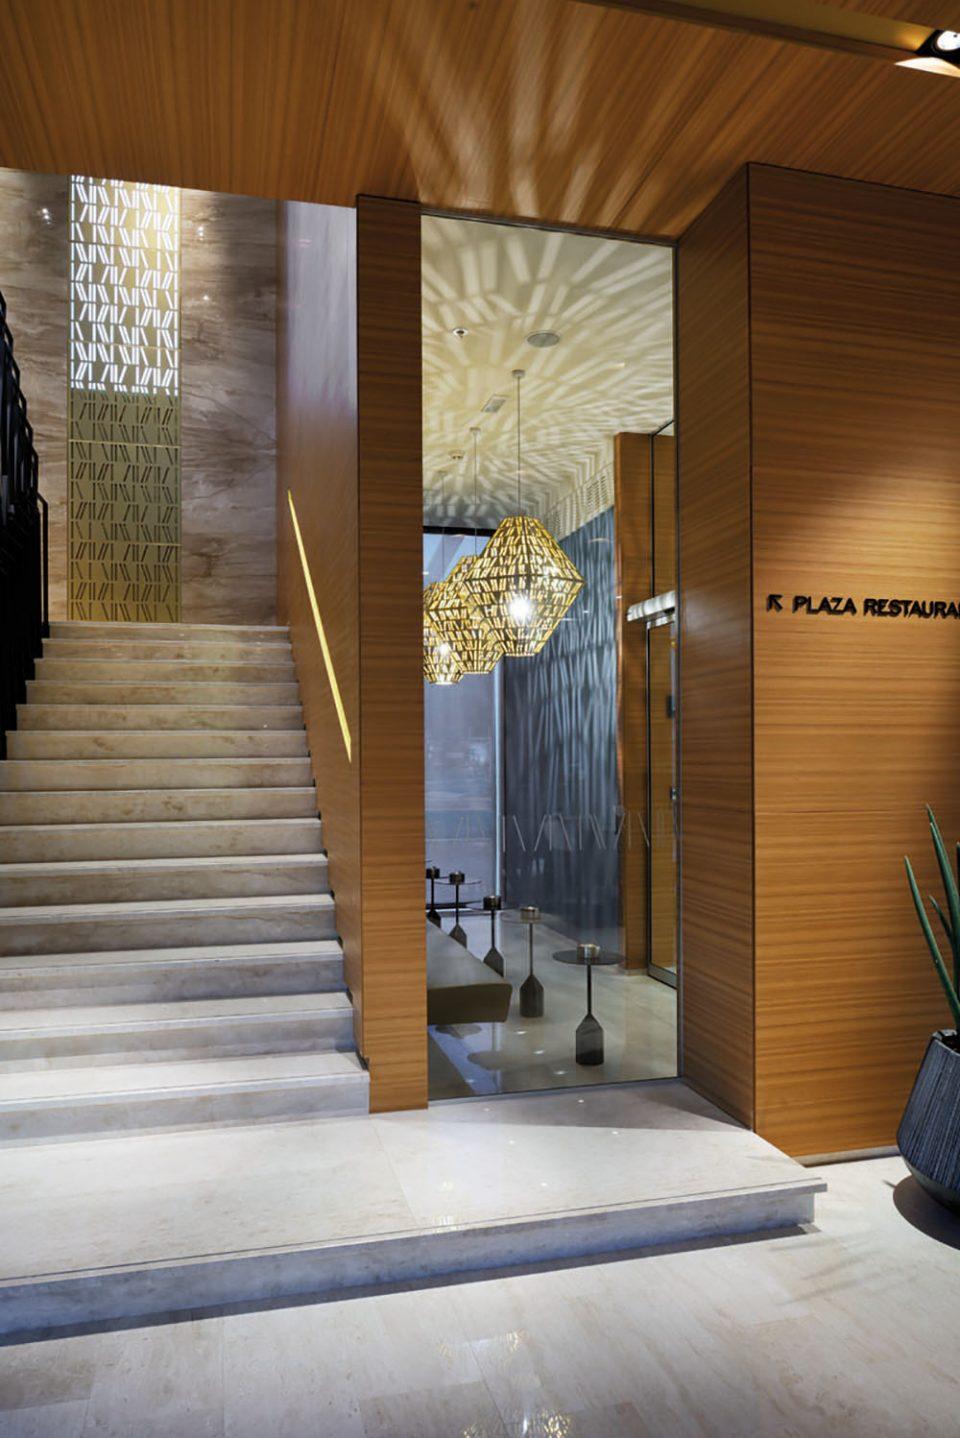 hotel plaza ljubljana slo